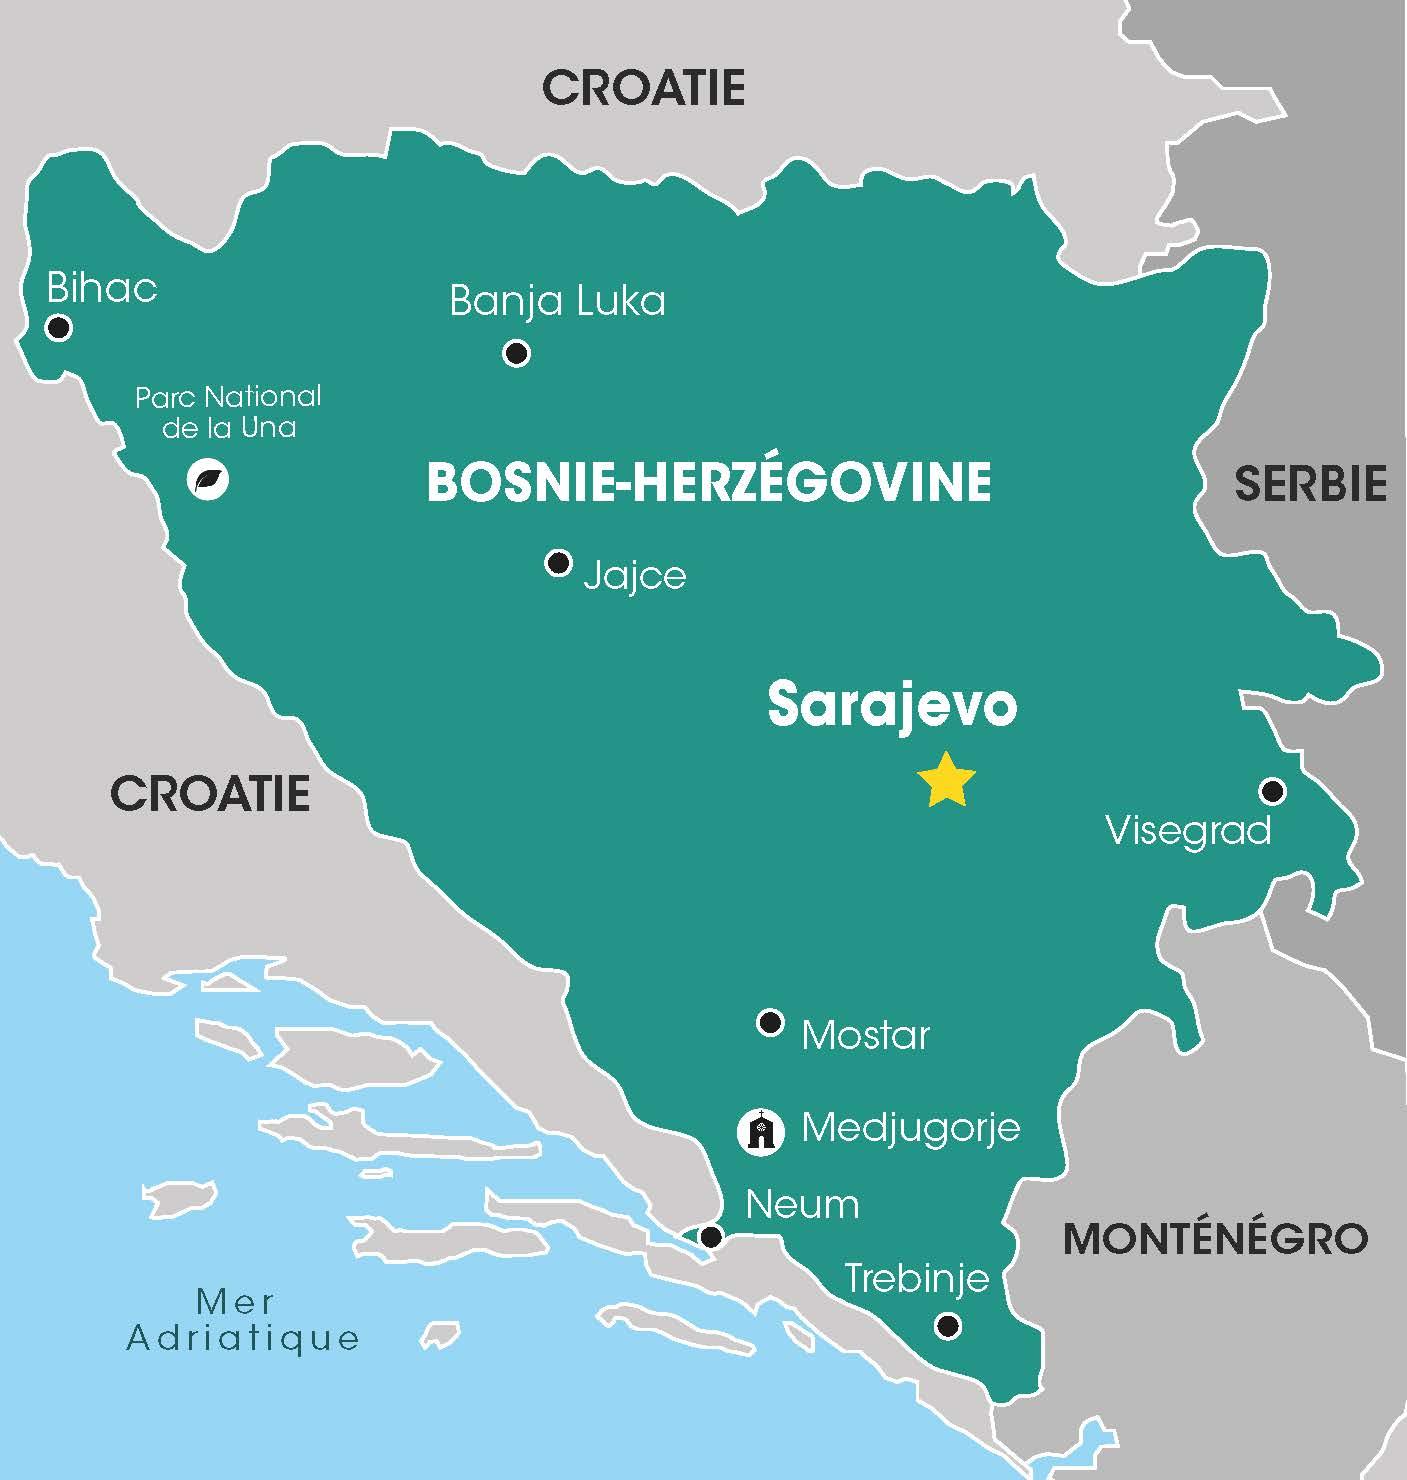 Cap Vers l'Est, Voyages en Groupe, Bosnie, Bosnie-Herzégovine, pays de l'Est